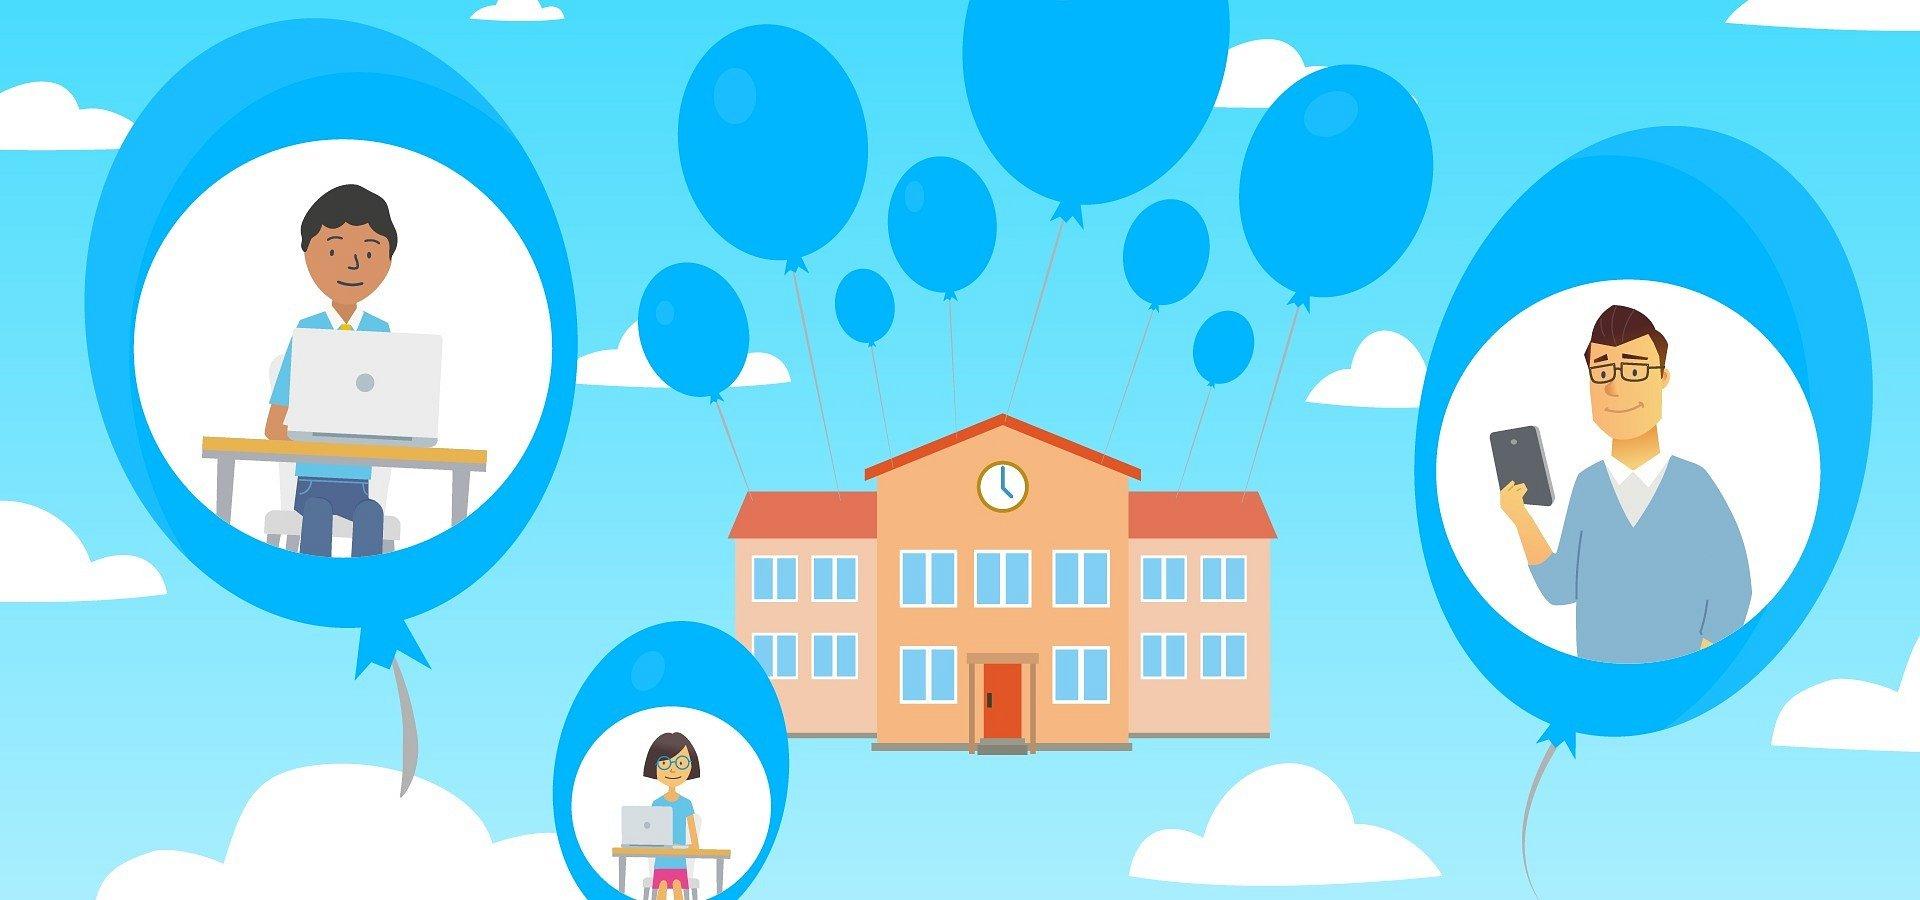 Học trực tuyến chính là giải pháp cho các trường học trong thời kỳ khó khăn